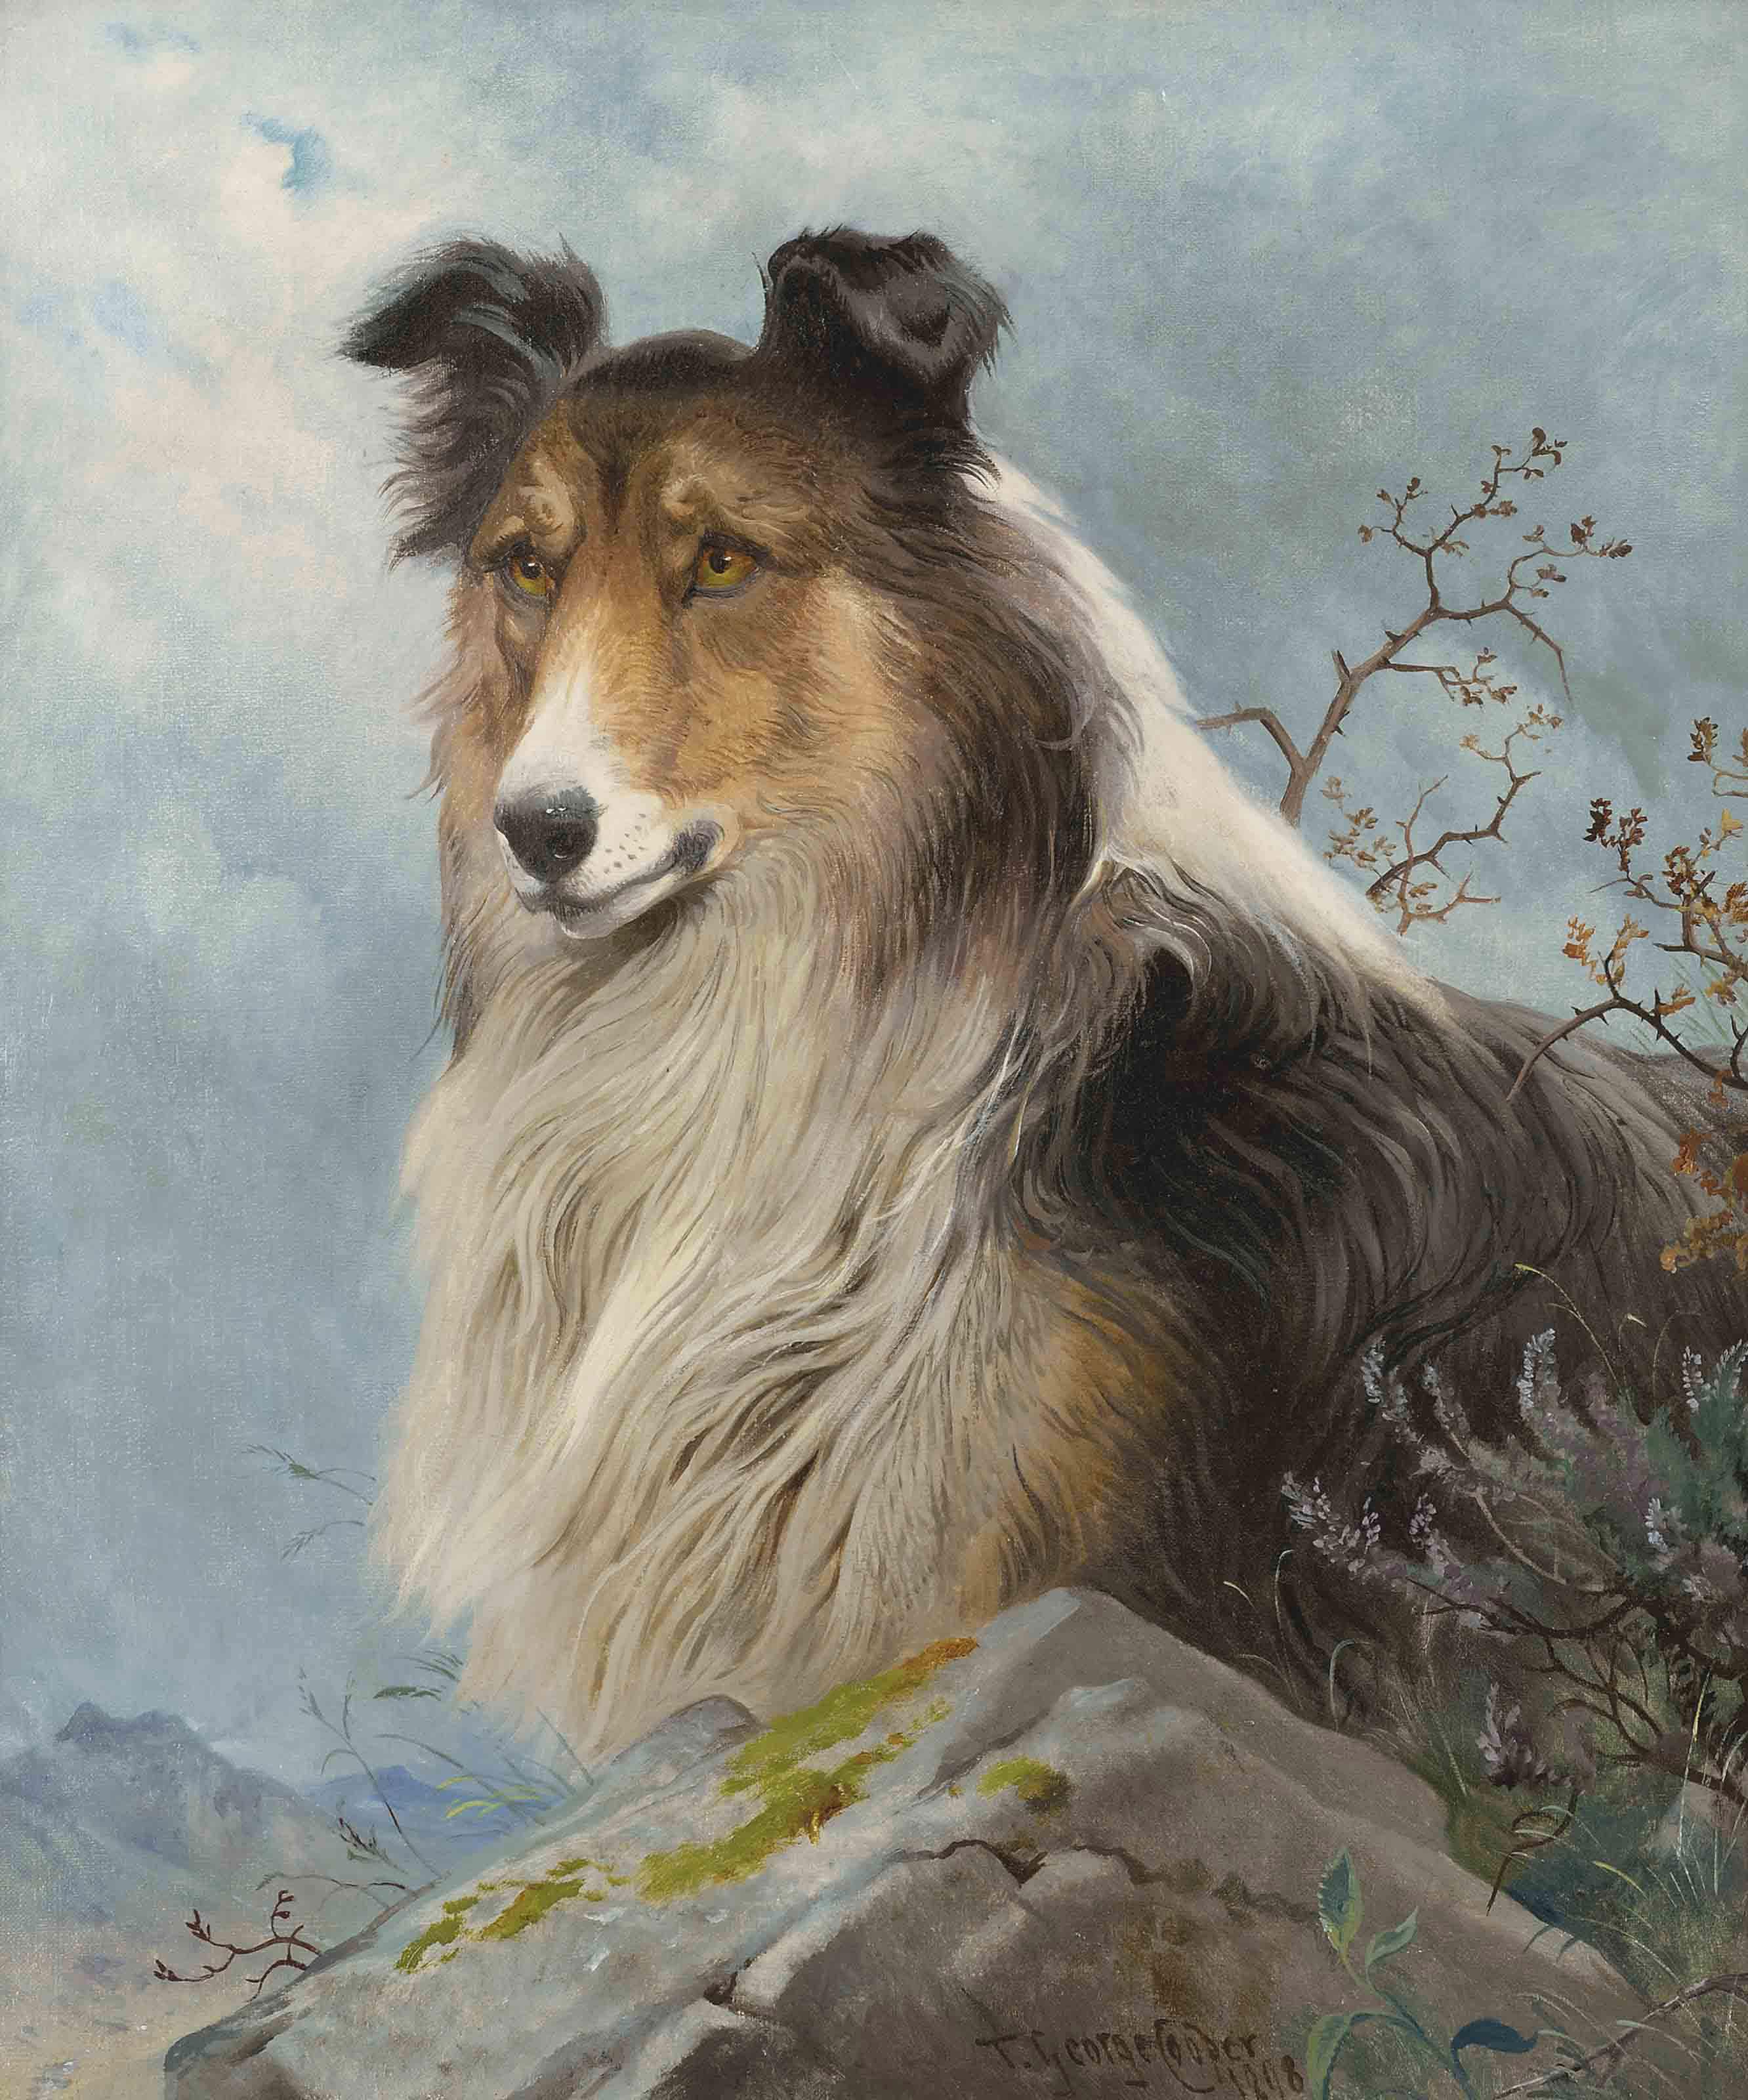 The shepherd's friend